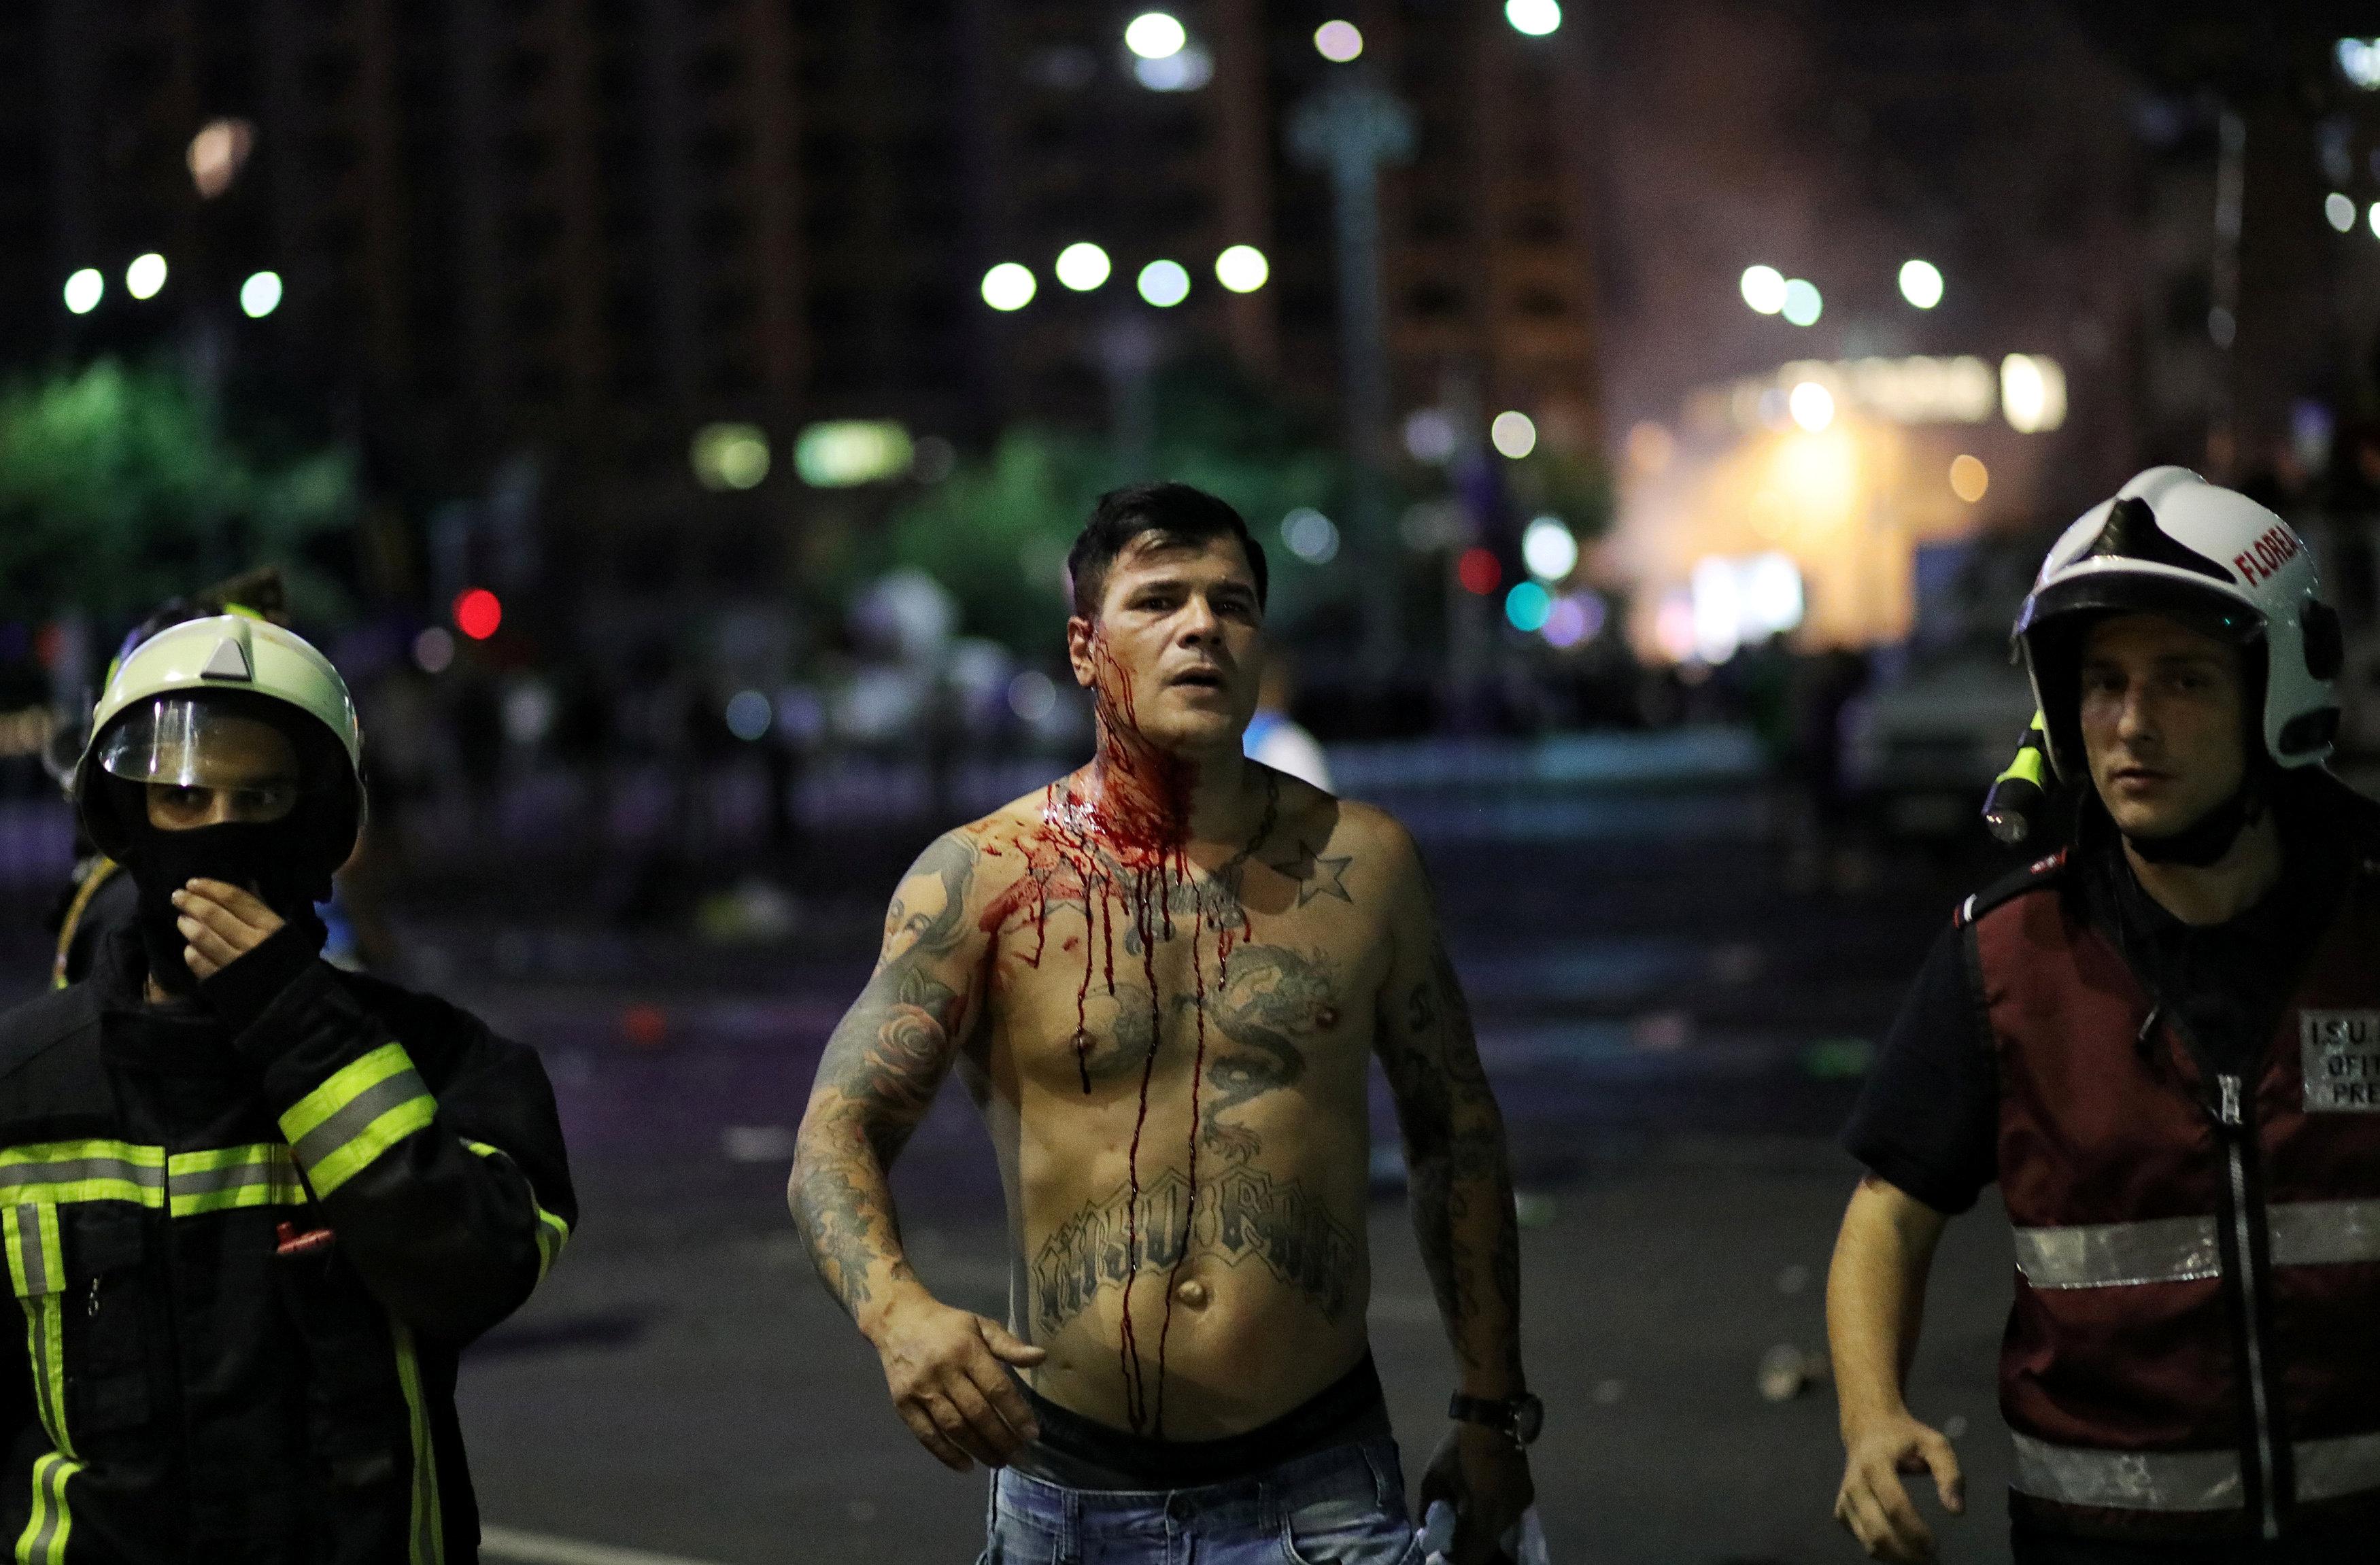 اصابة أحد المتظاهرين